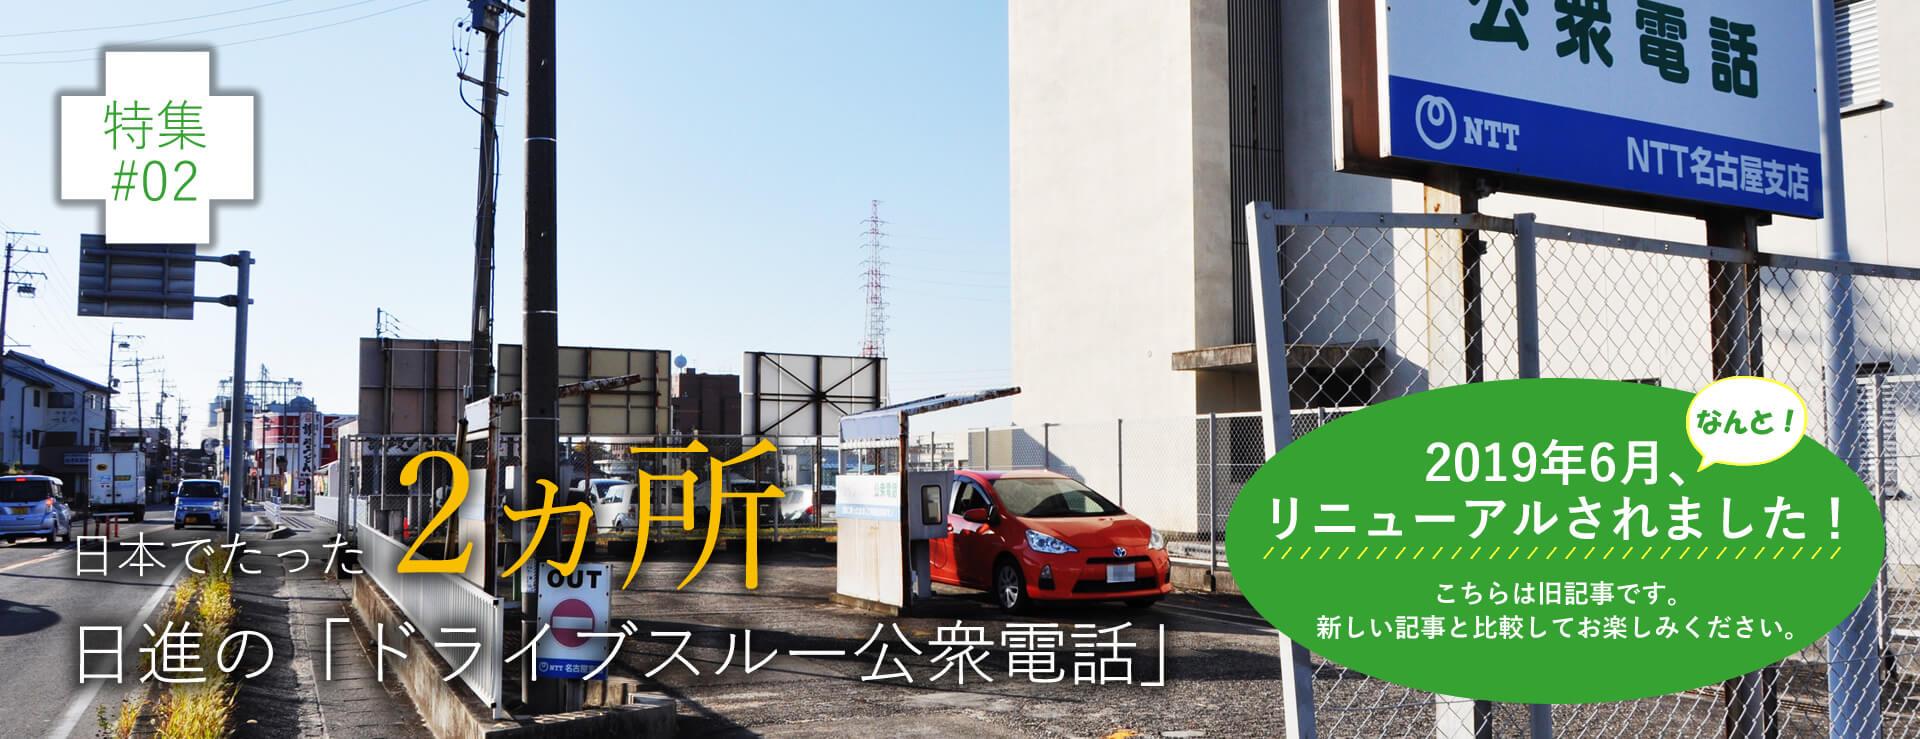 特集#02日本でたった2カ所!日進の「ドライブスルー公衆電話」